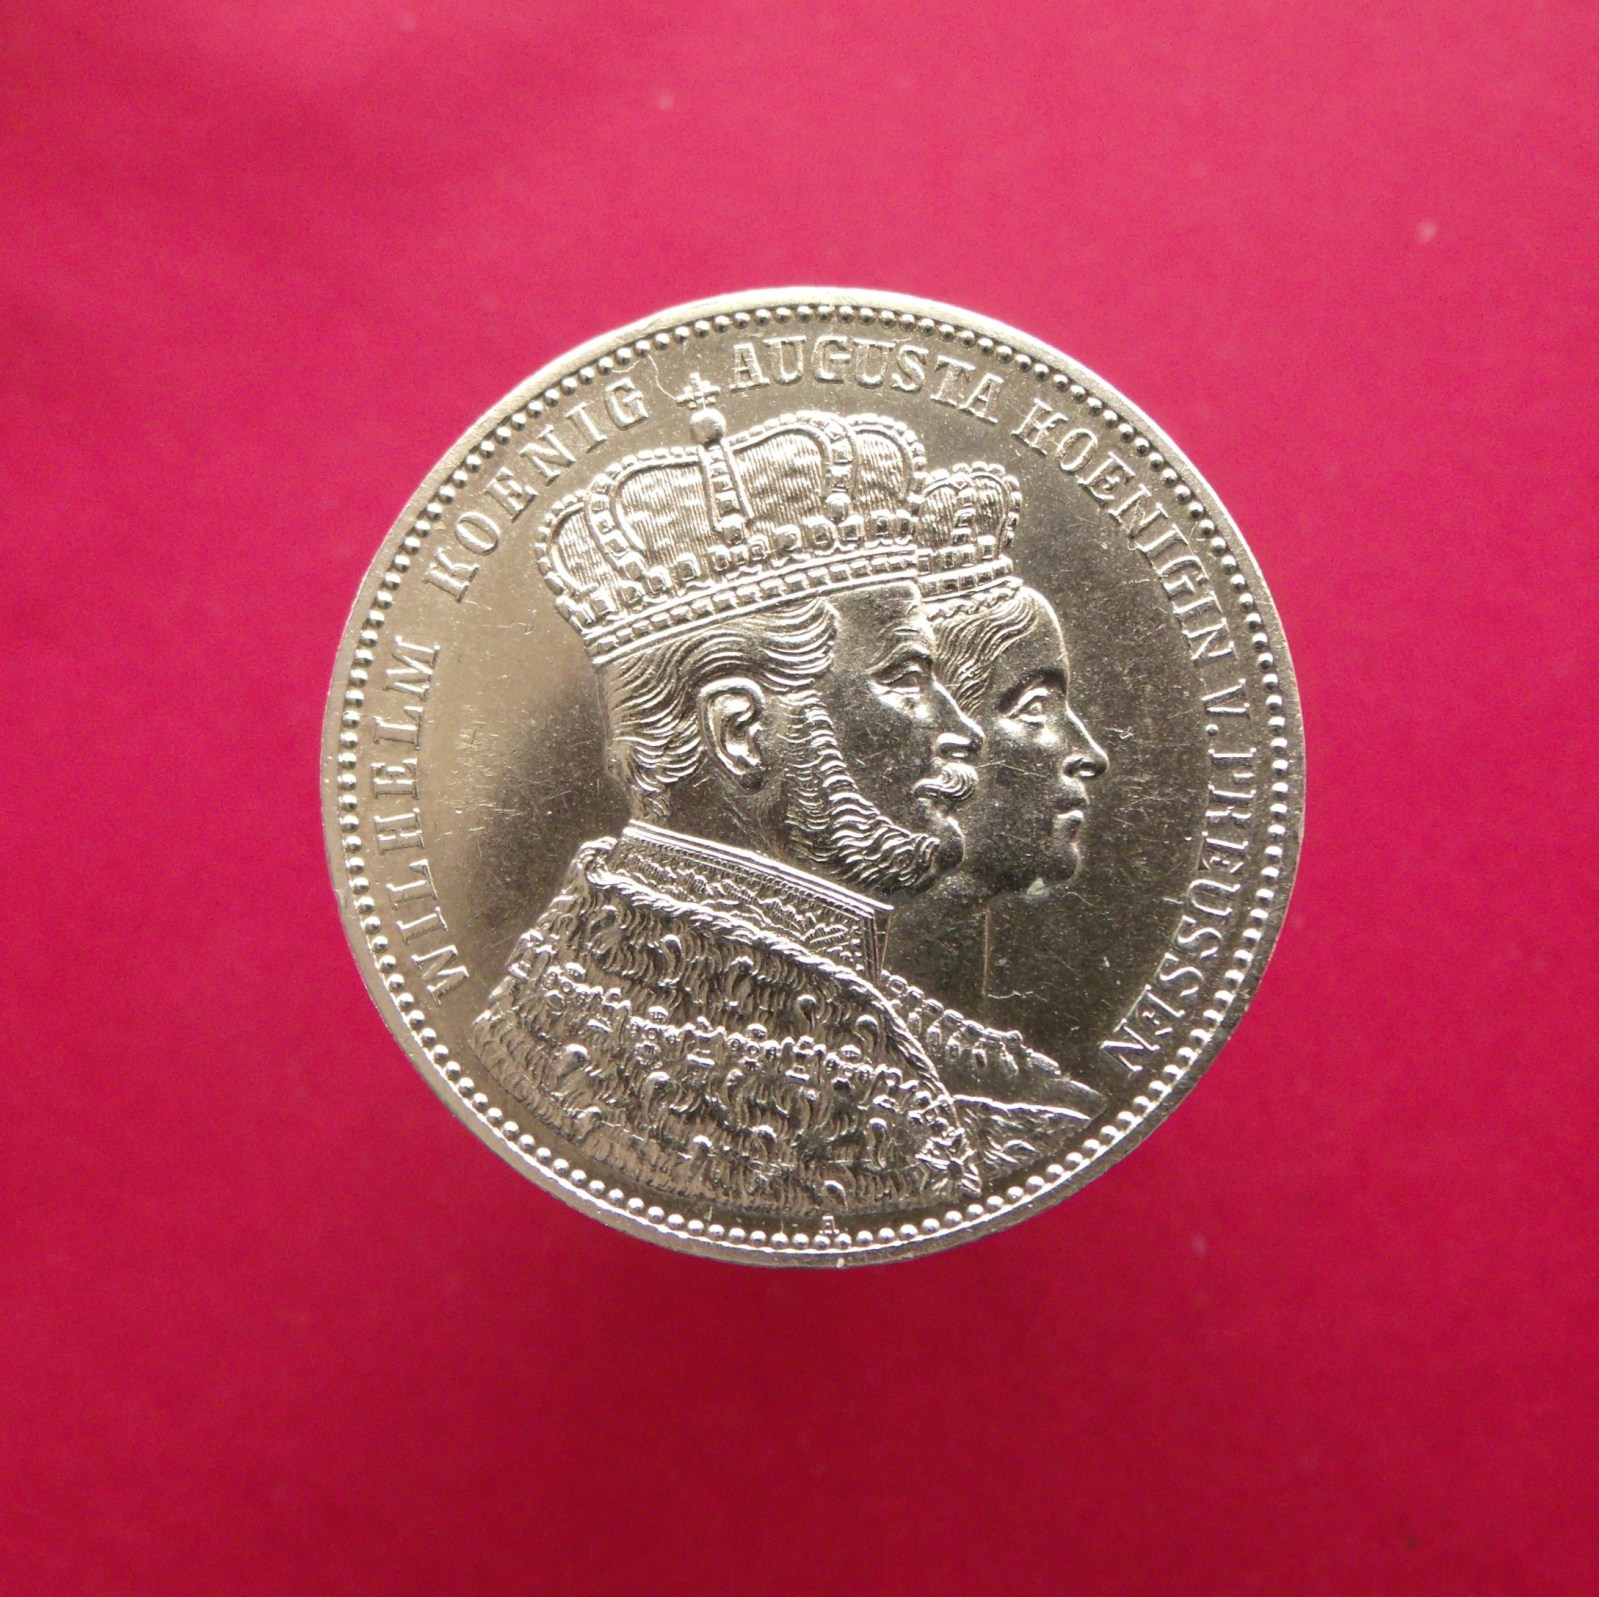 Alemania. Monedas del Reino de Prusia (1701-1918) Og42